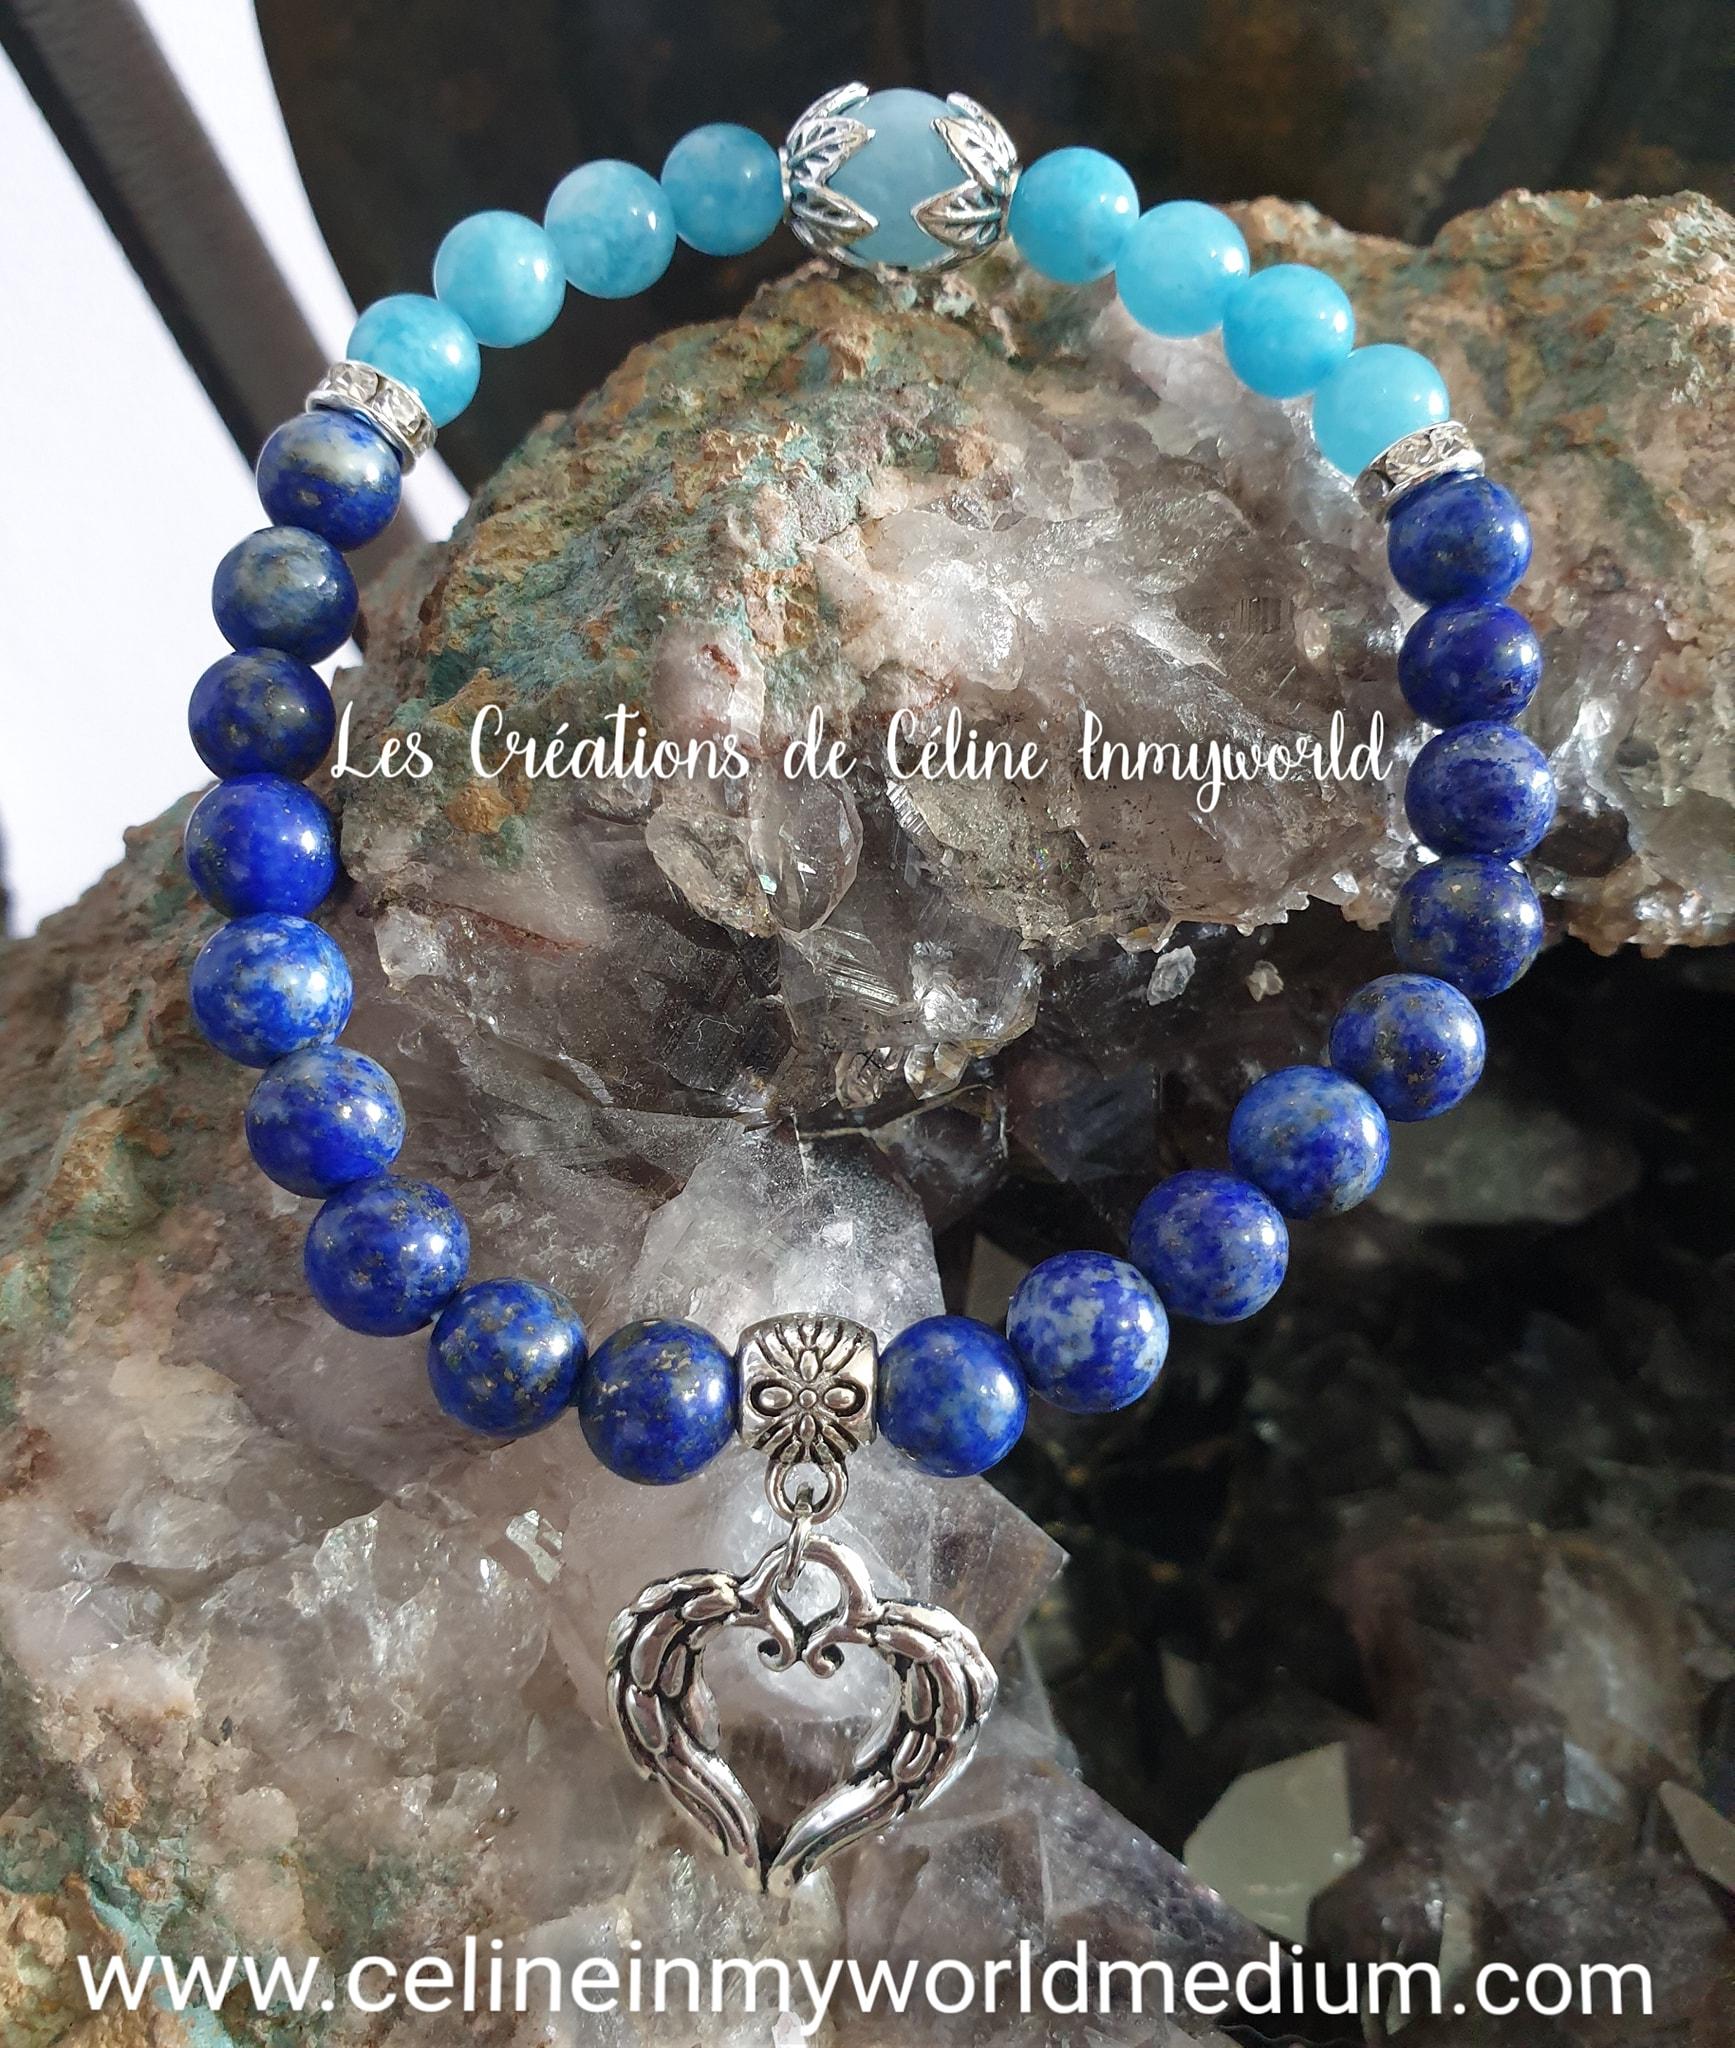 Bracelet pour la clairvoyance, la sérénité et la thyroïde, en Aigue-marine et Lapis-lazuli